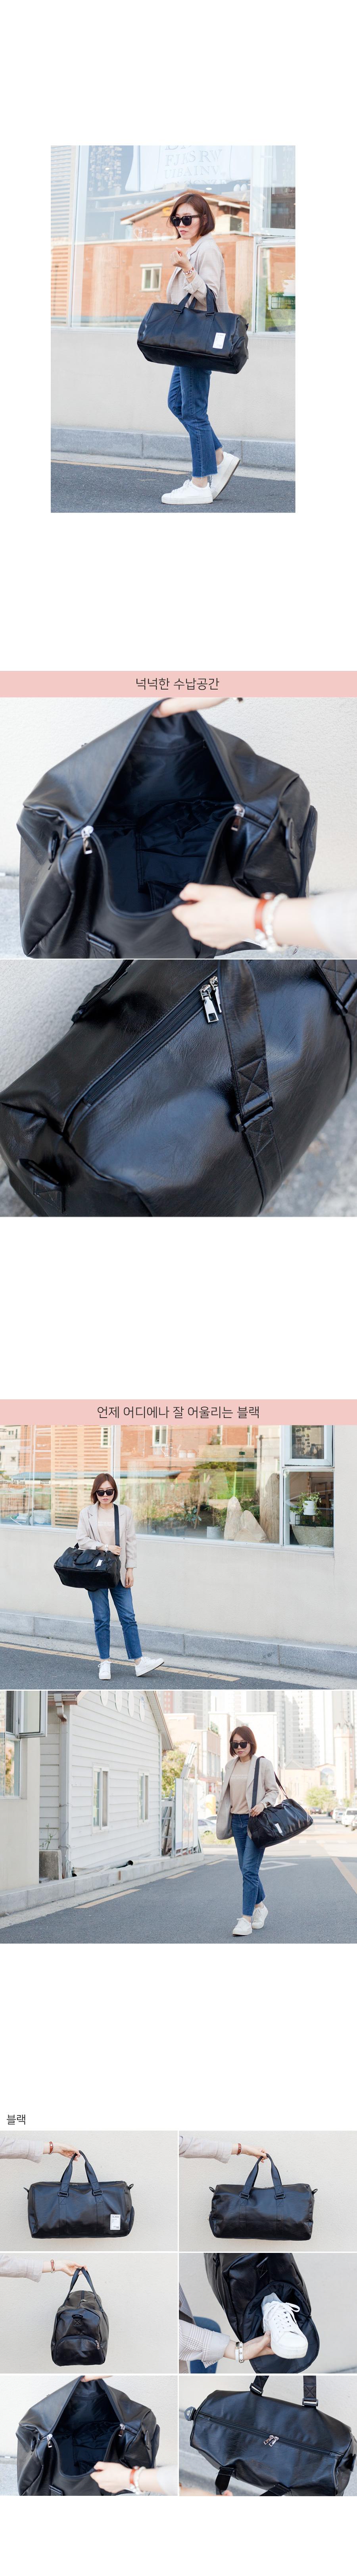 여행용가방으로 좋은 블랙보스턴백 더플백 - 비바시스터, 35,800원, 크로스/숄더백, 토트백/맨스백